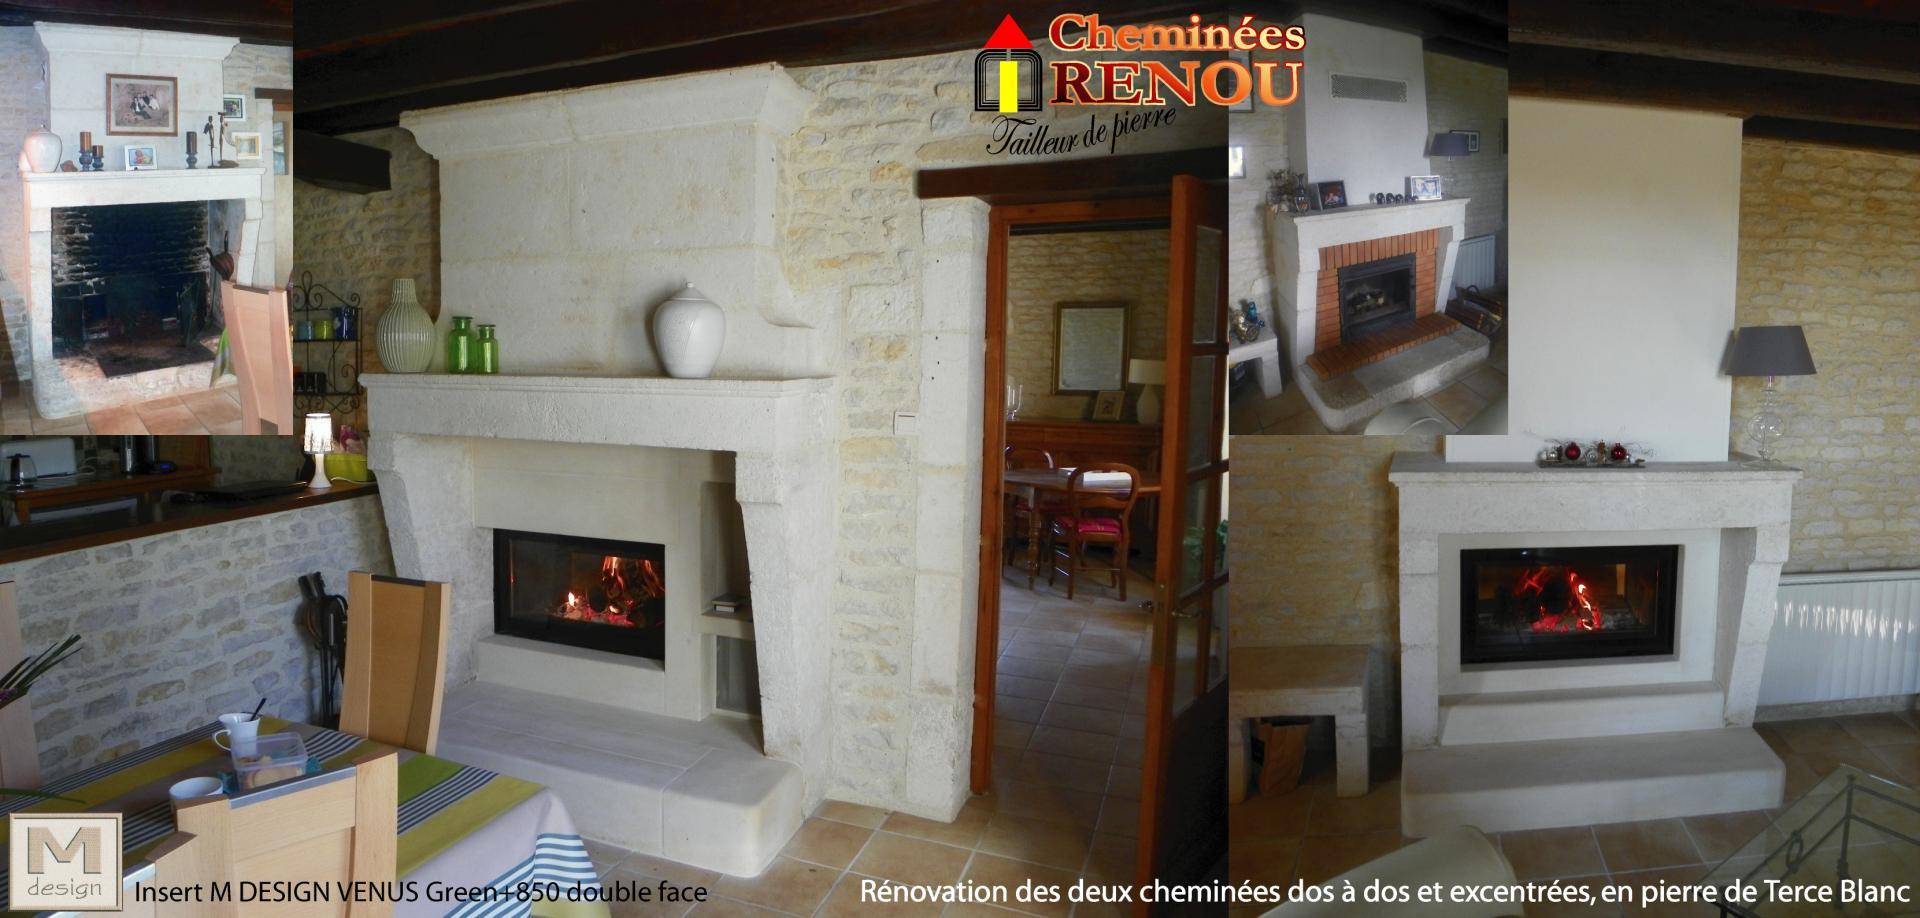 Renovation De Cheminee Ancienne cheminées, fontenay-le-comte, saint-martin-de-fraigneau